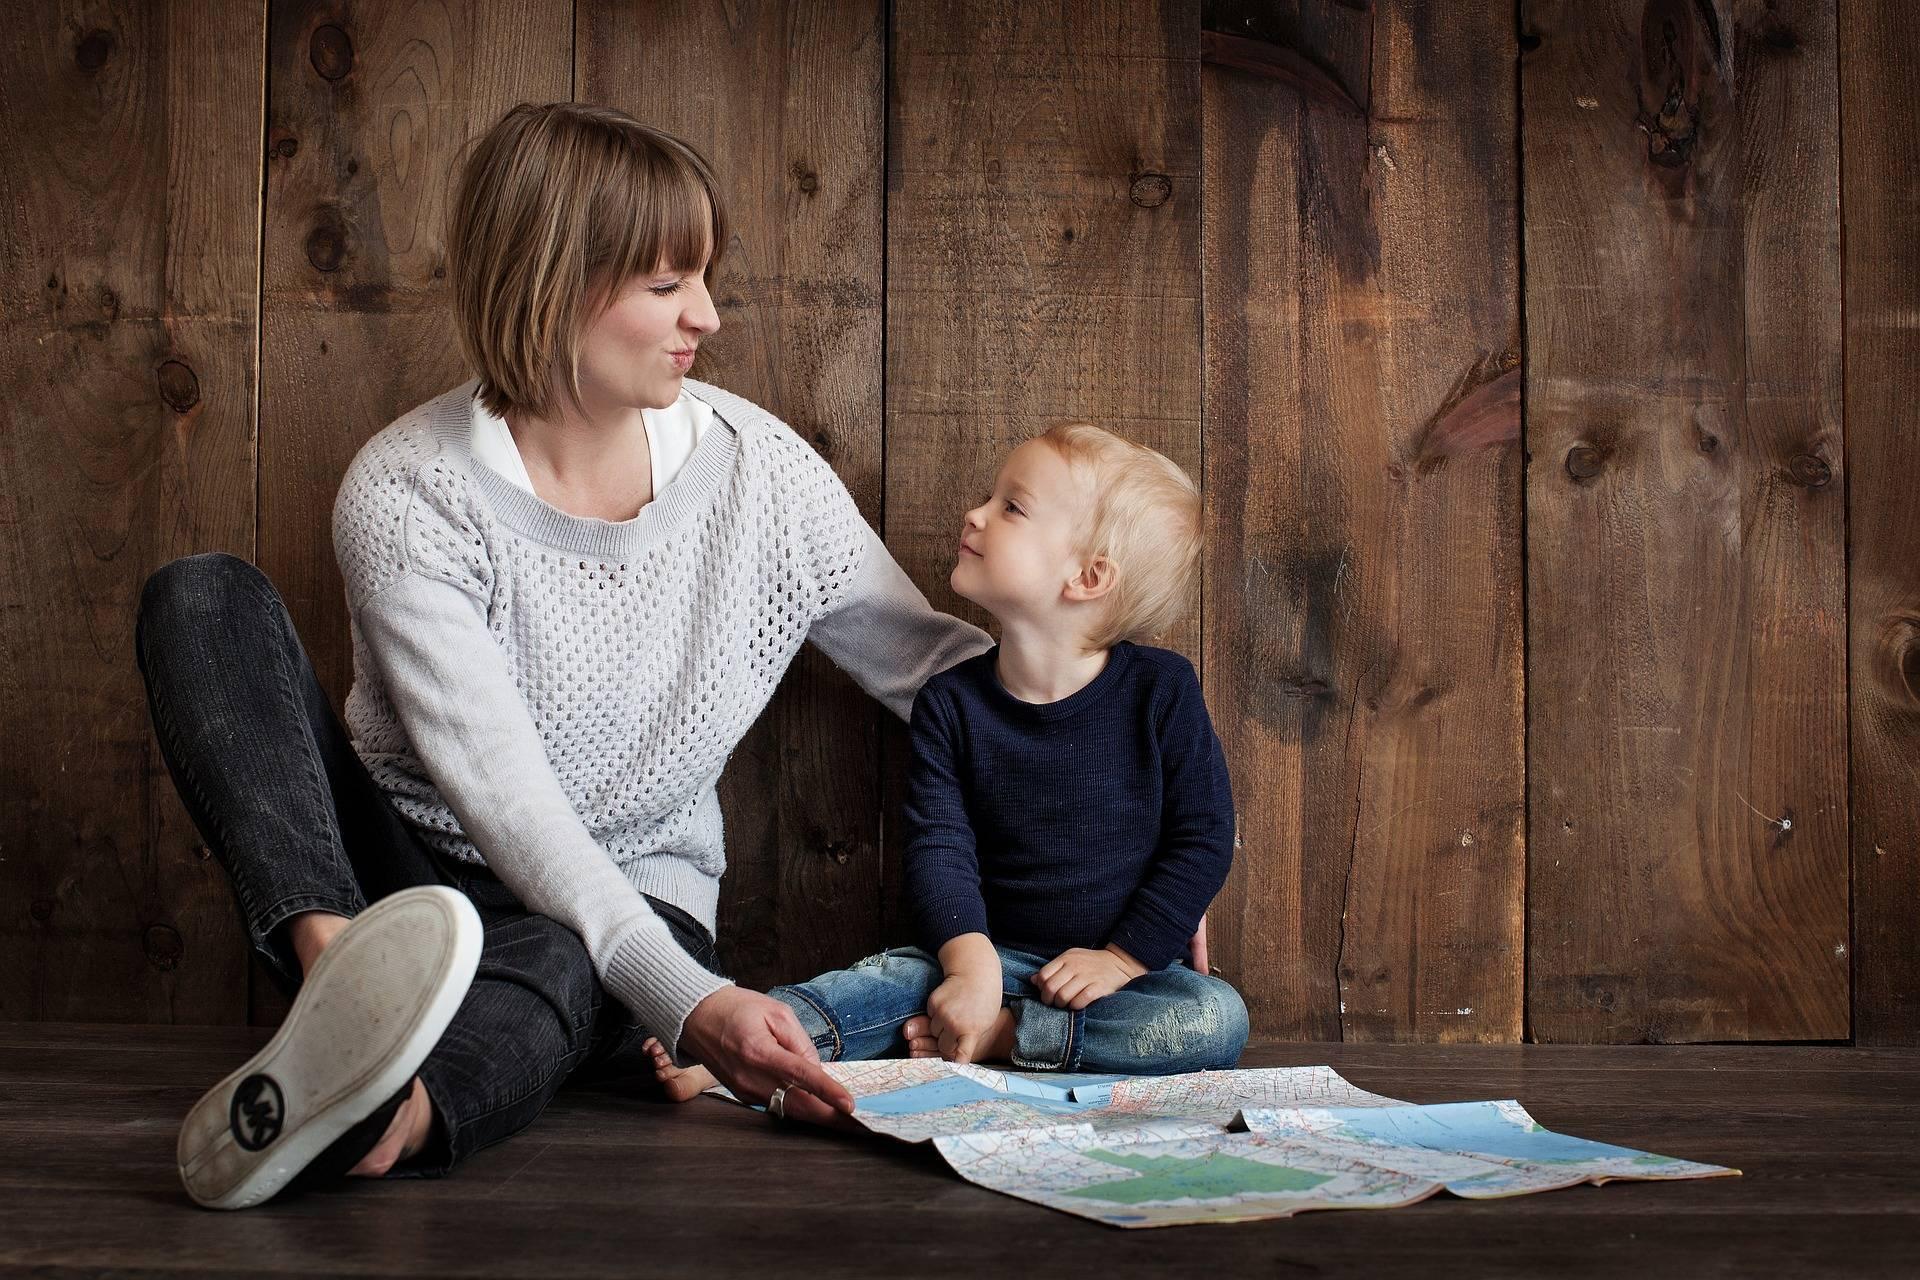 Погодки: особенности воспитания детей с небольшой разницей в возрасте